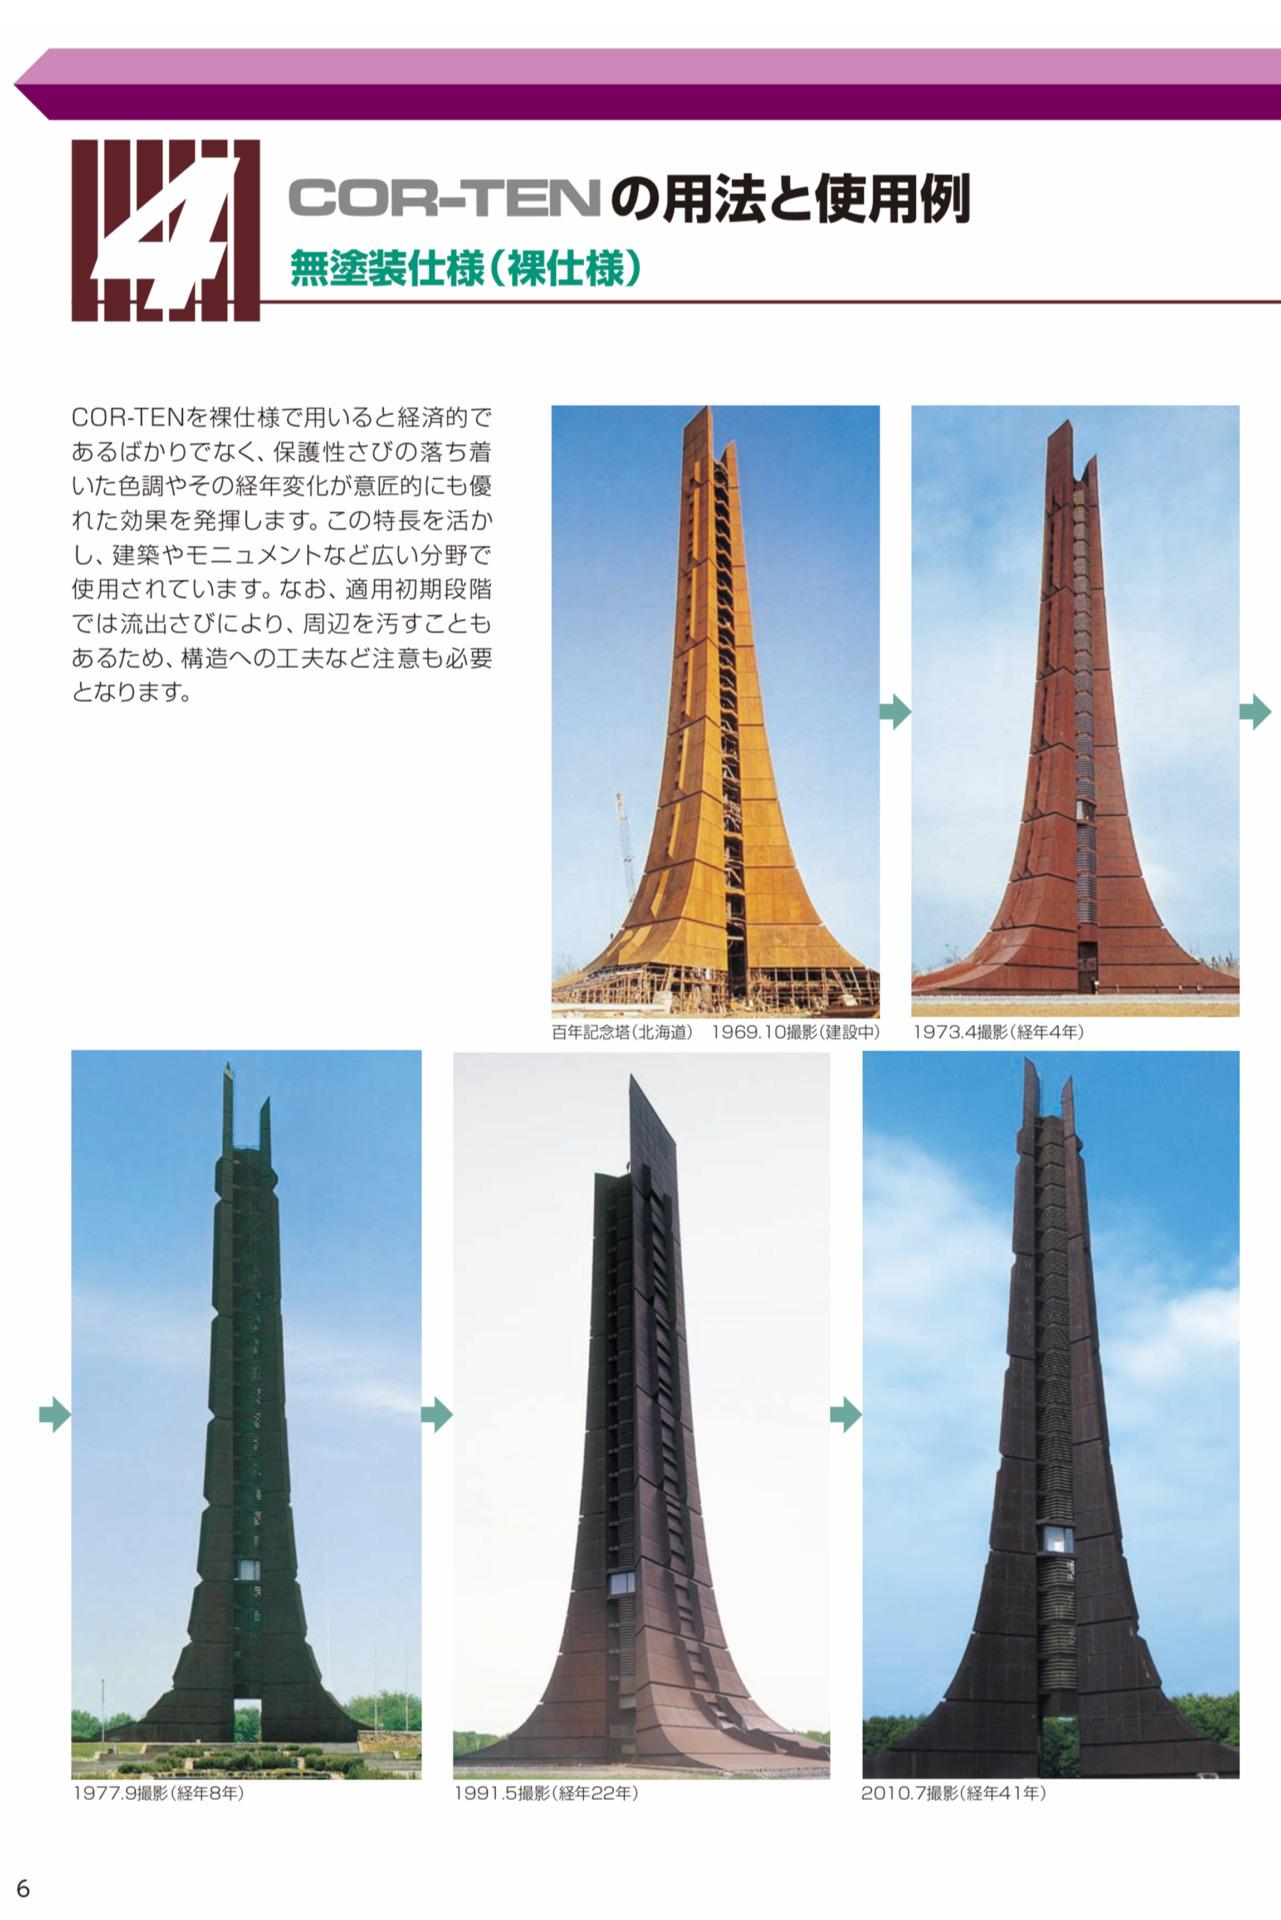 北海道百年記念塔 新日鉄住金(Nippon Steel)のコルテン鋼カタログ 経年変化